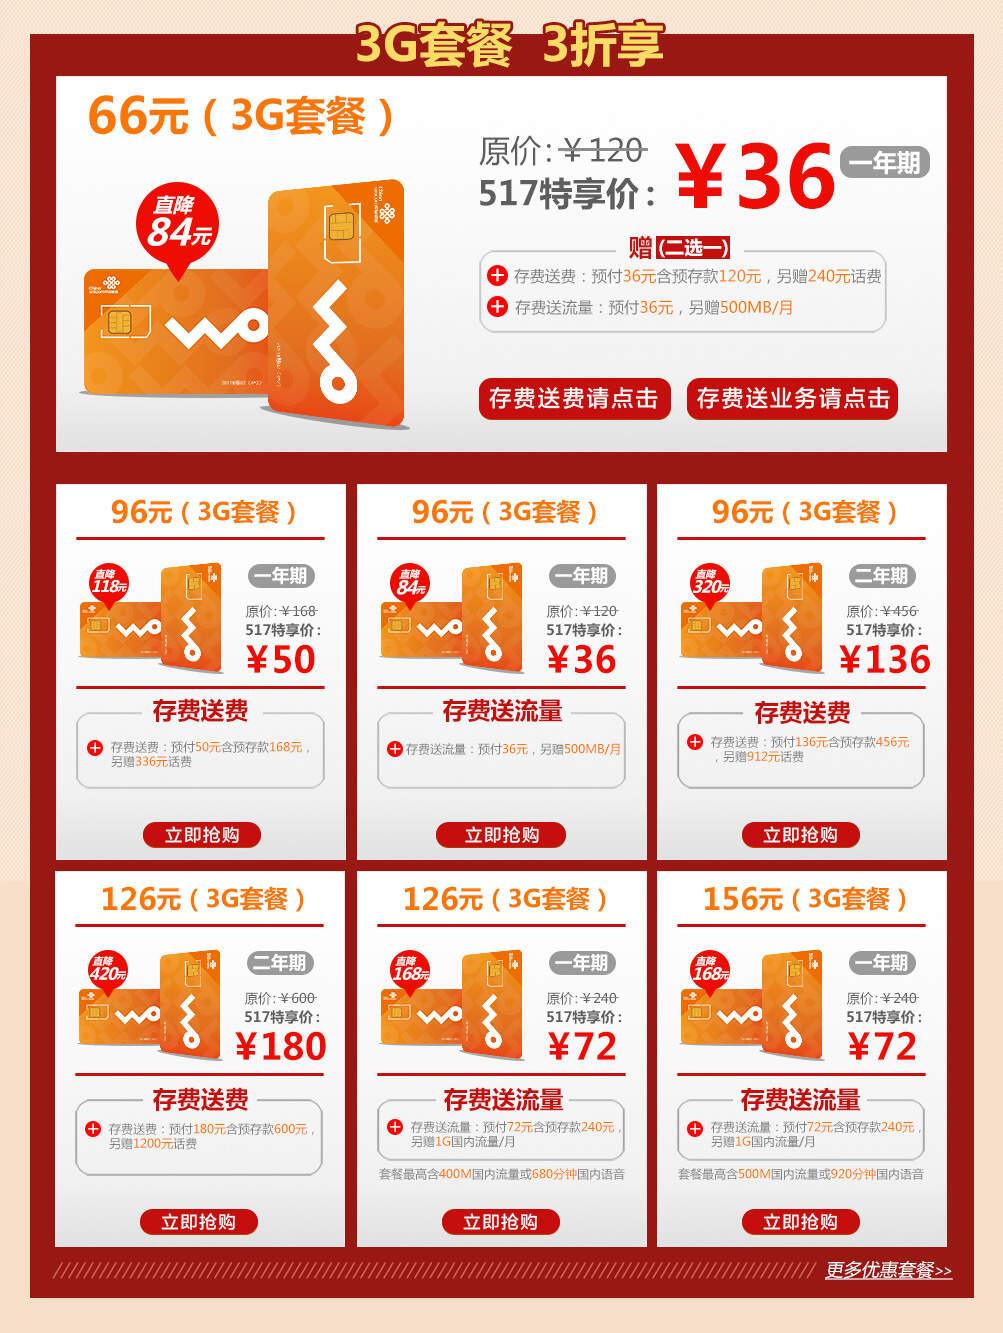 4G套餐8元畅享